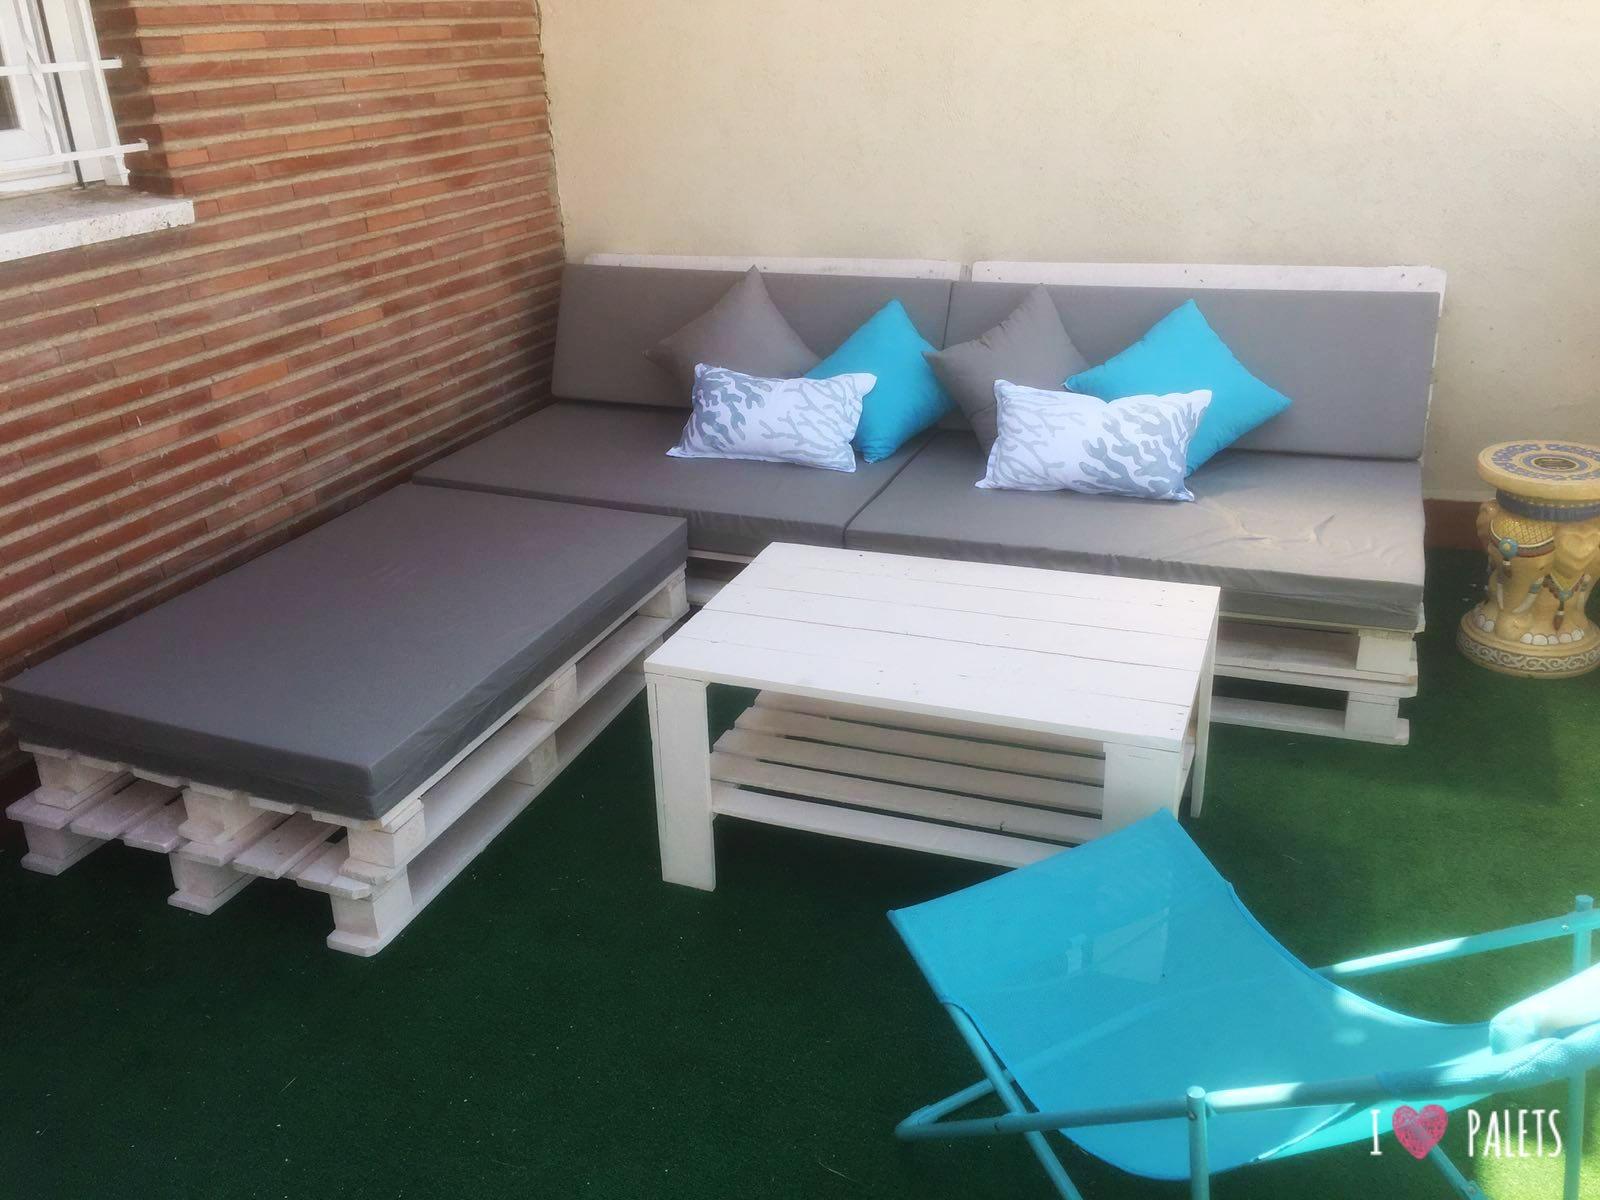 Un conjunto para el balc n hecho con palets i love palets for Conjunto muebles balcon